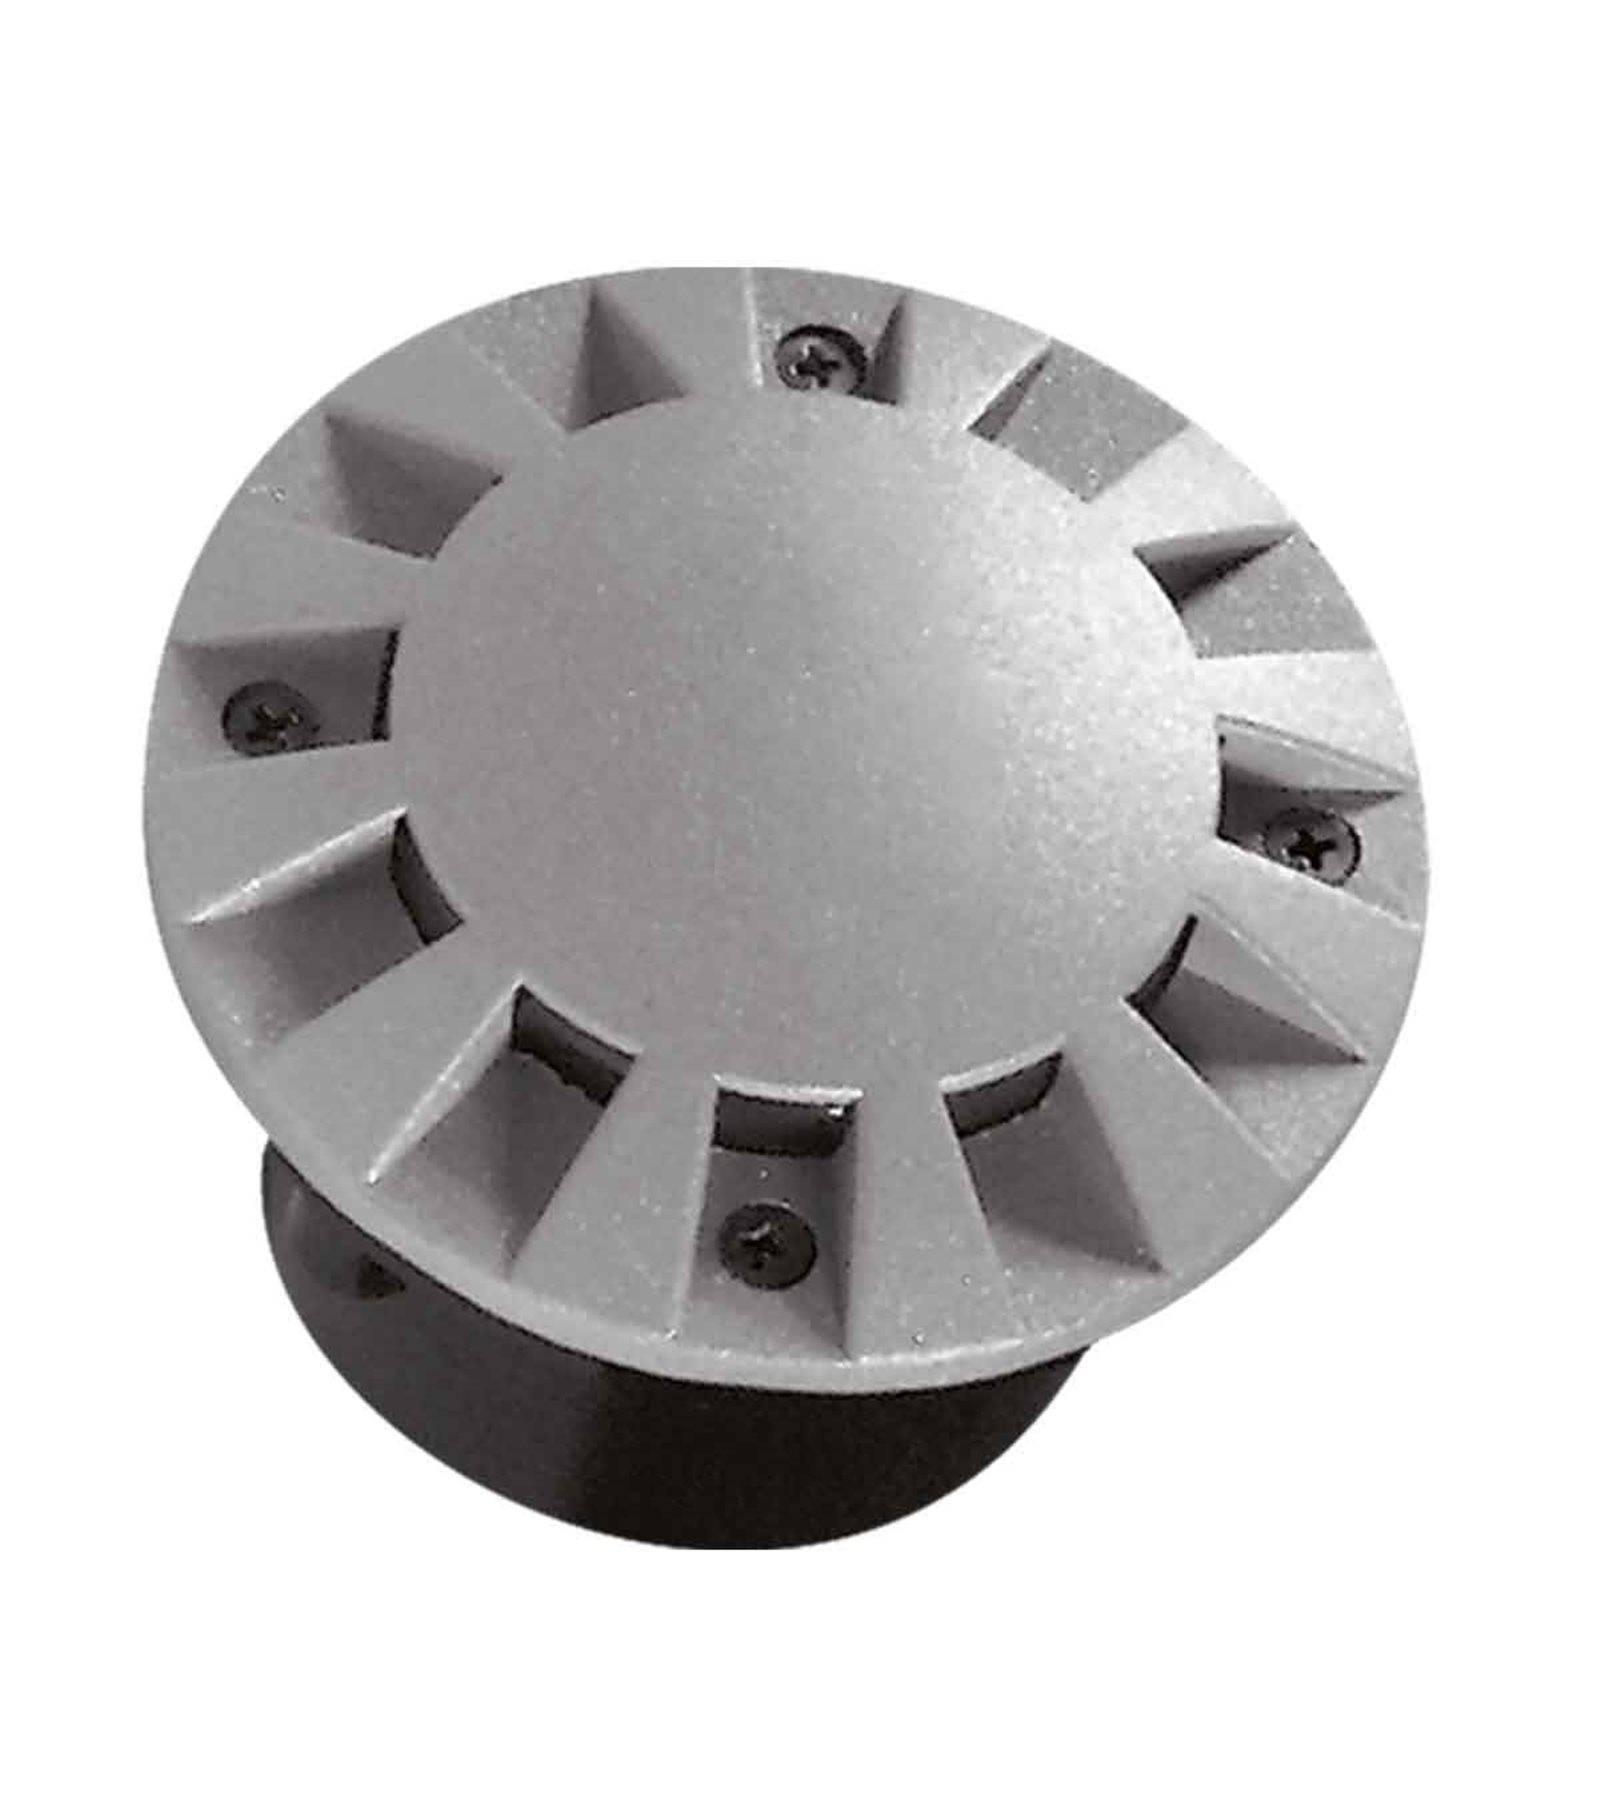 Fabulous Spot encastrable Spécial Beton ROGER 1W LED integrés IP66 Blanc EZ09